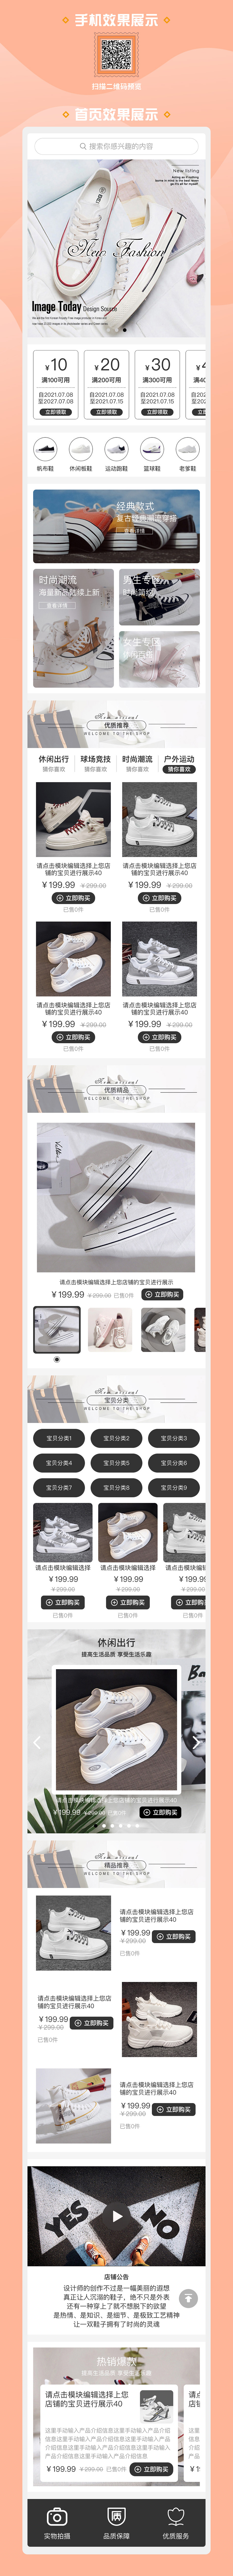 041鞋靴箱包微商城-第二屏介绍.jpg